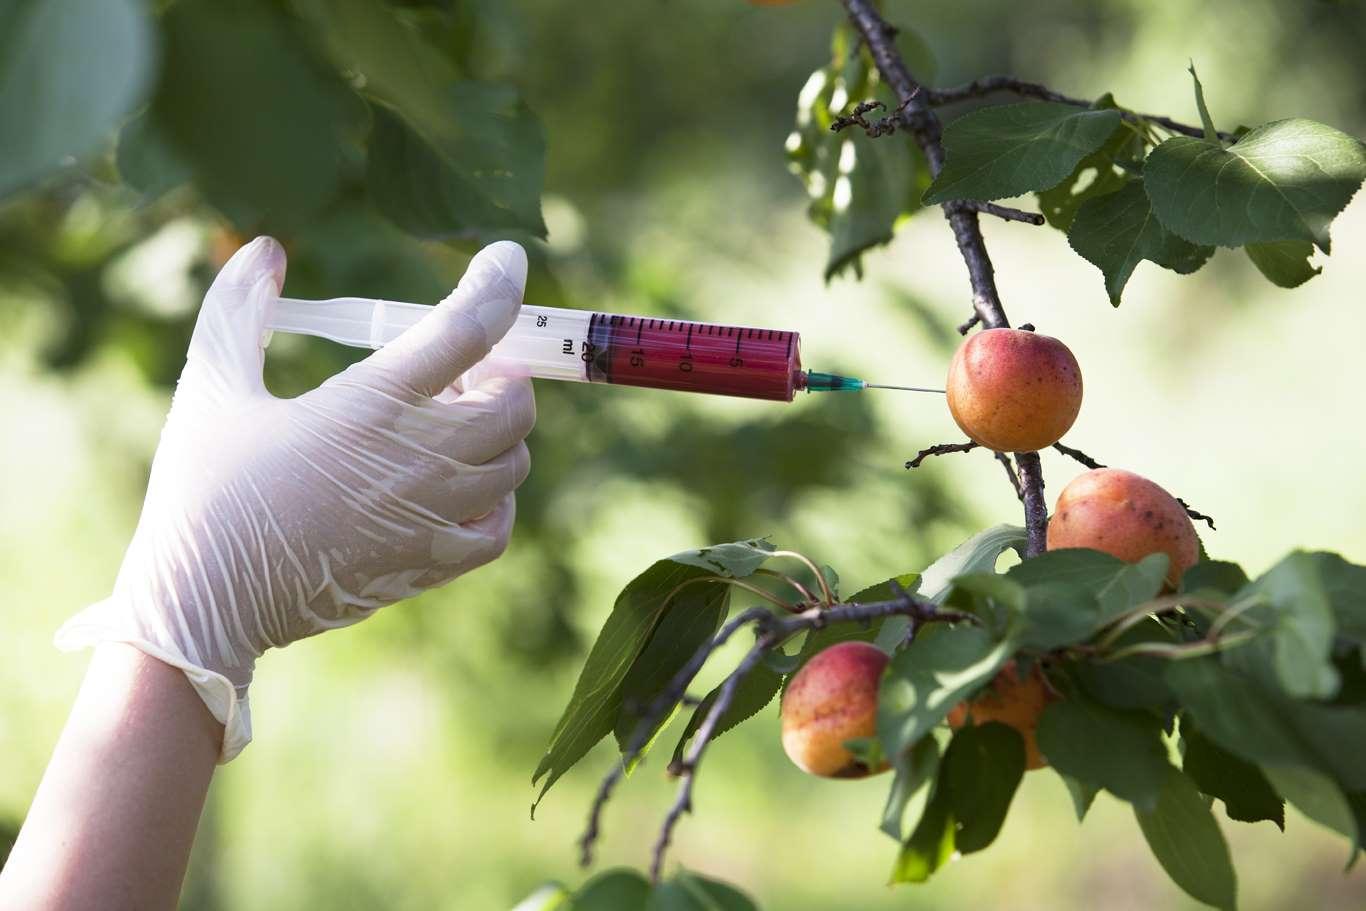 Distintos estudios en animales comprueban la relación entre el desarrollo de tumores cancerígenos (sobre todo en el vientre) y el consumo de productos genéticamente modificados.